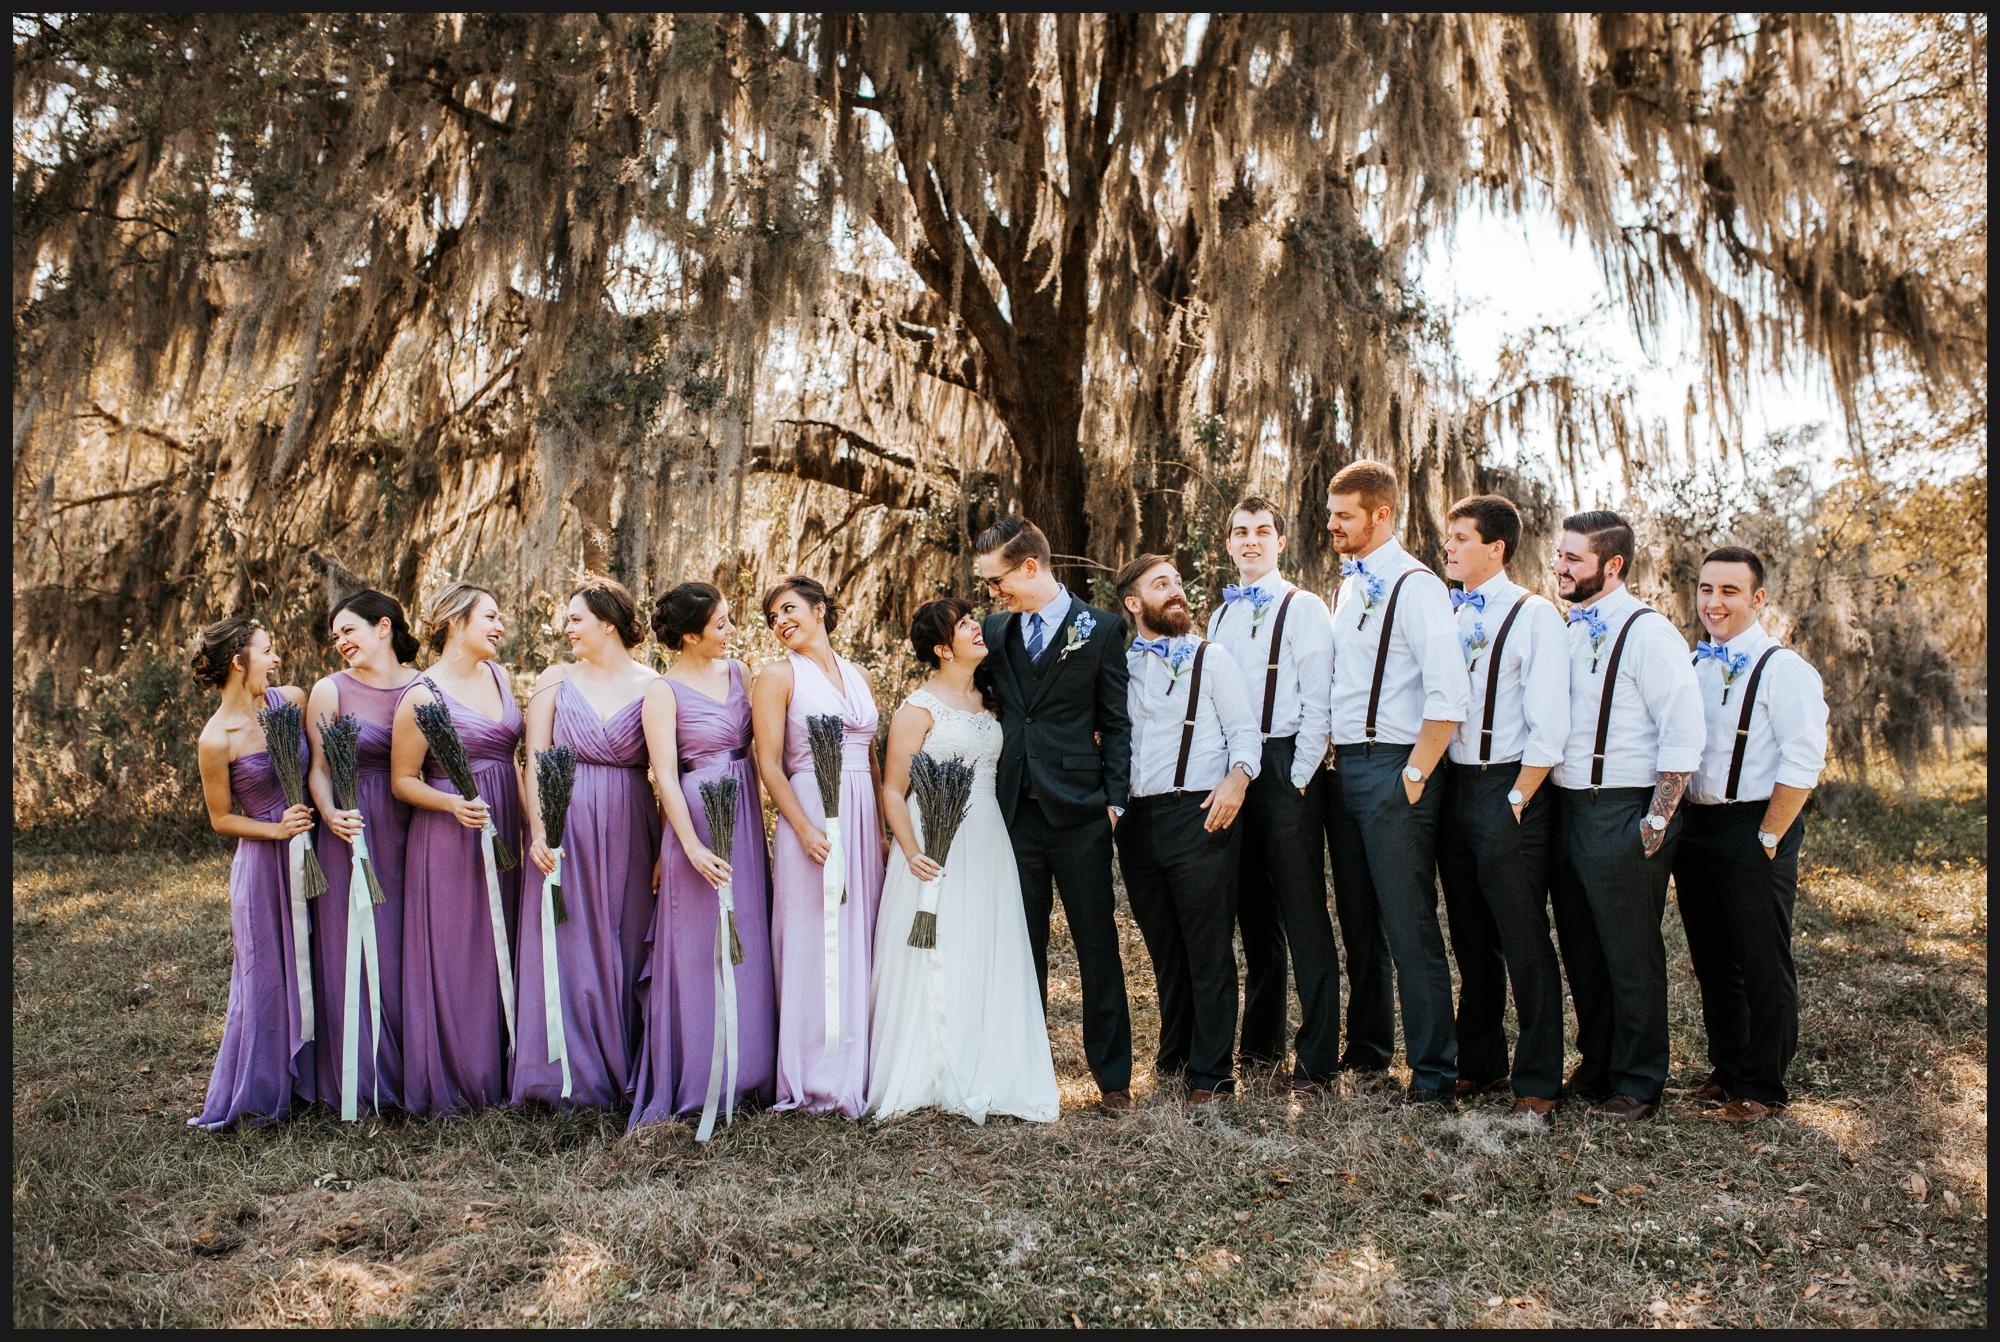 OrlandoWeddingPhotographer_0202.jpg